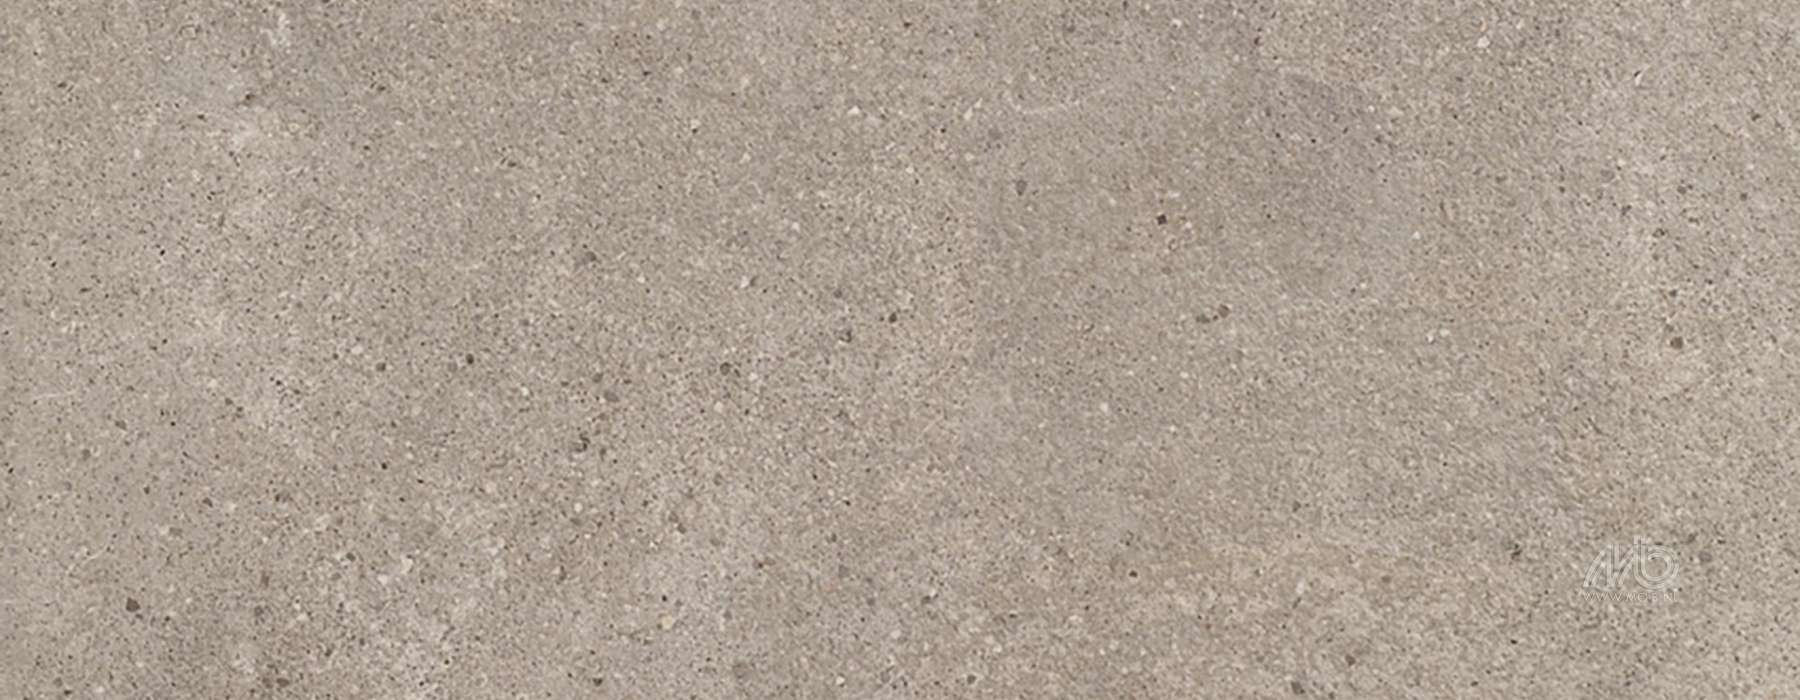 MO-B | Boardwalk 60x60x1.8 | Silver